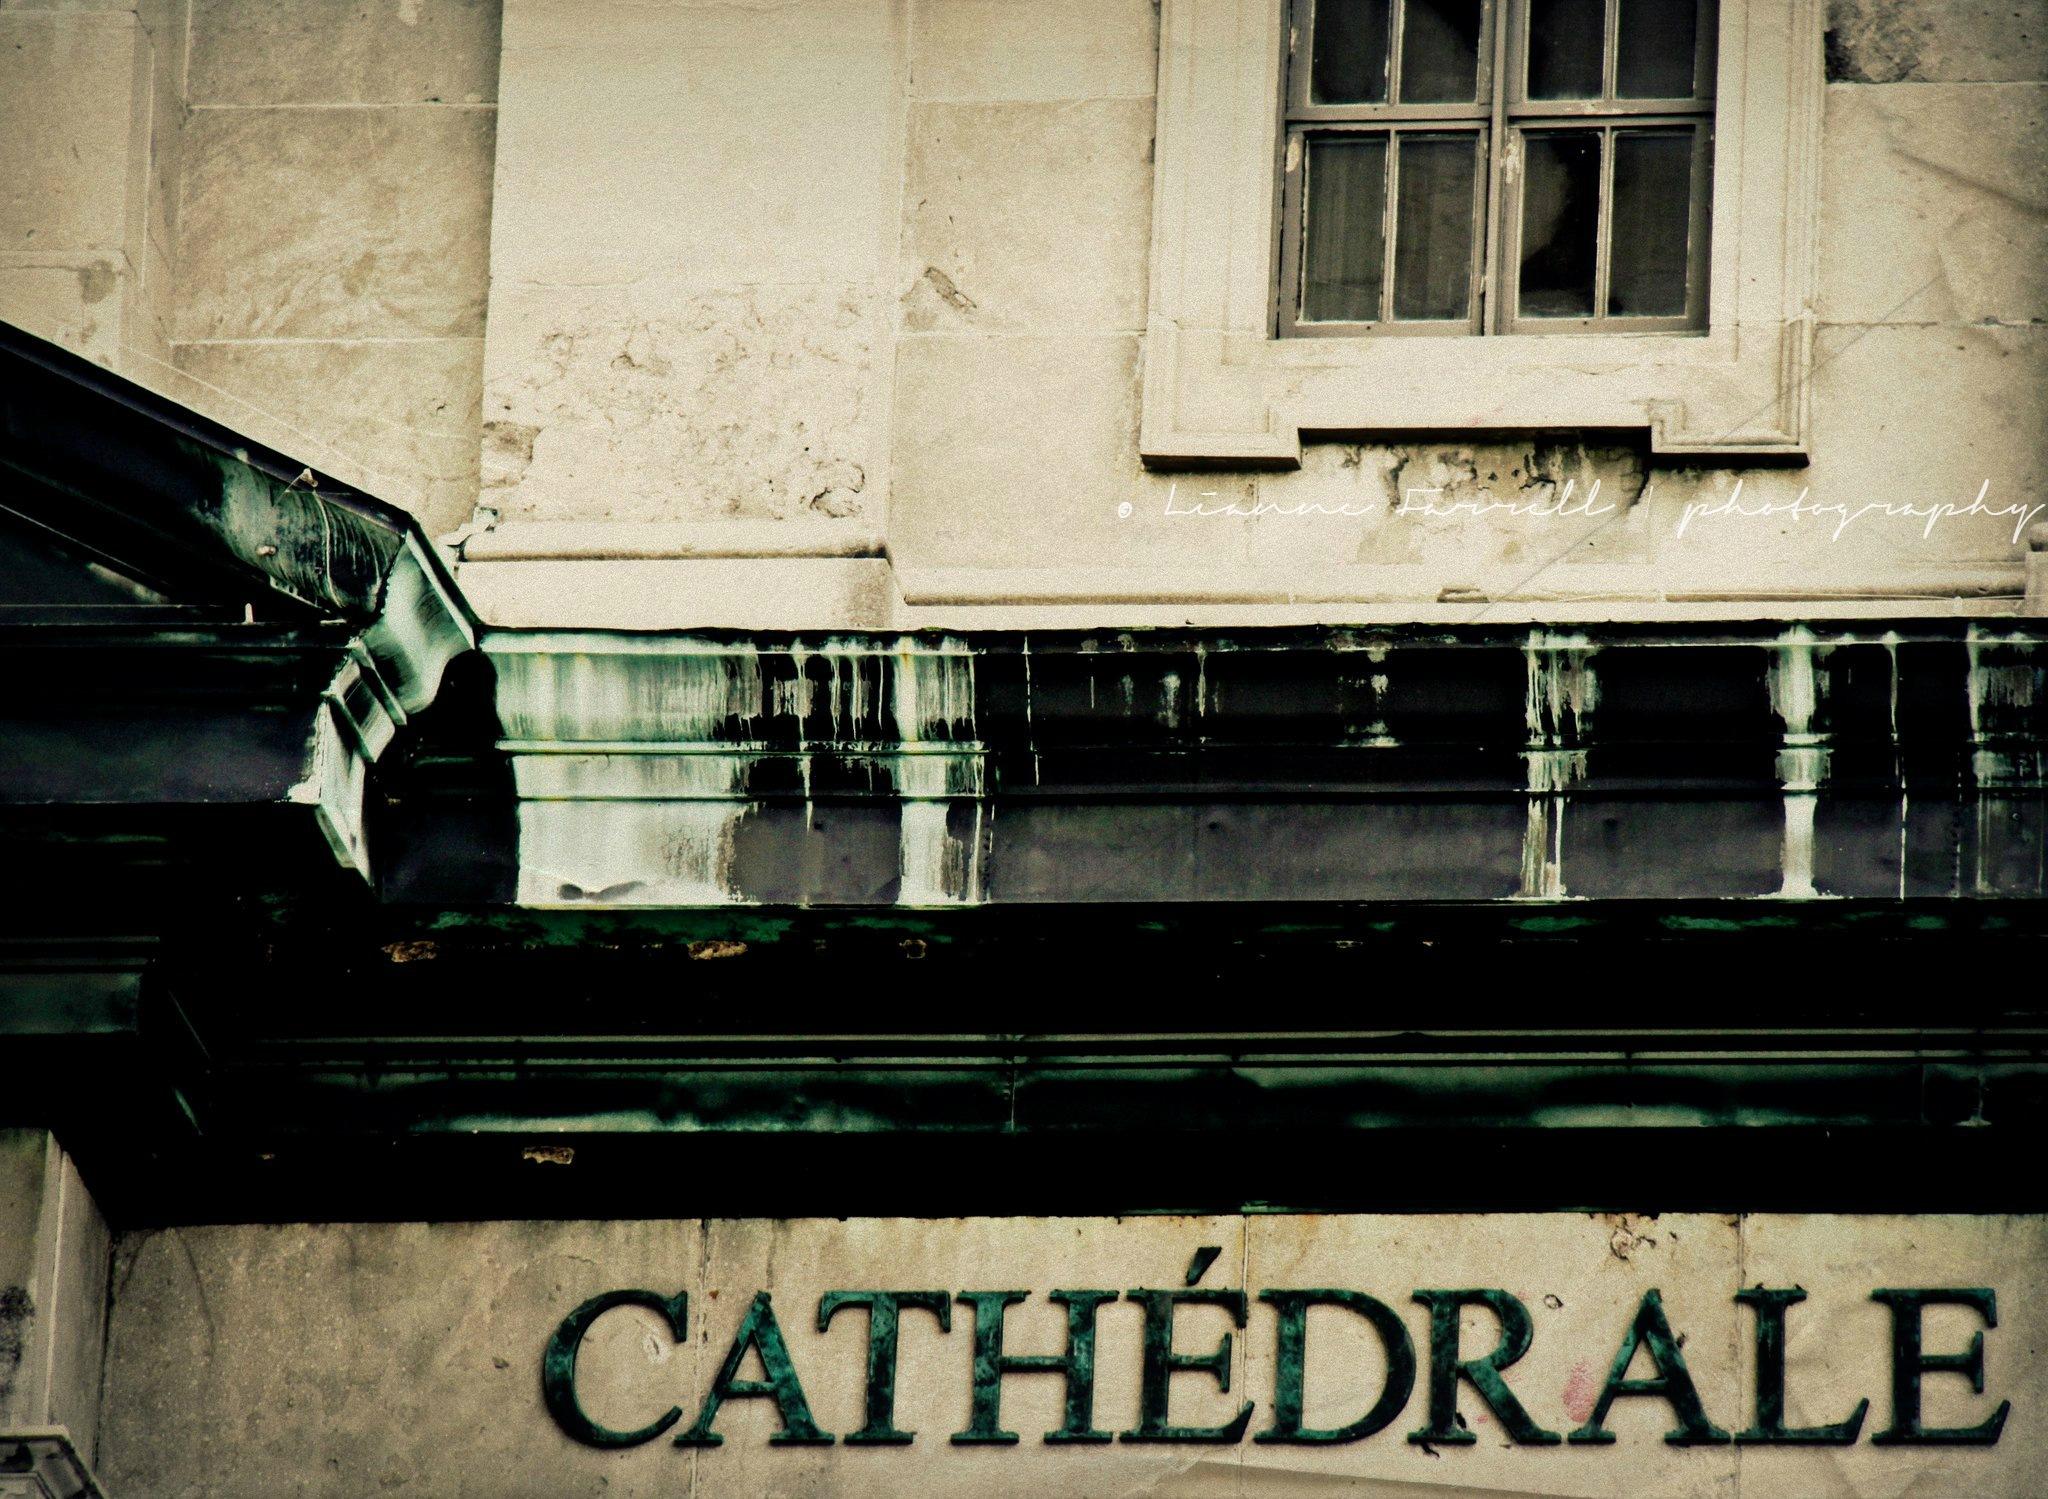 cathédrale by candid'Li